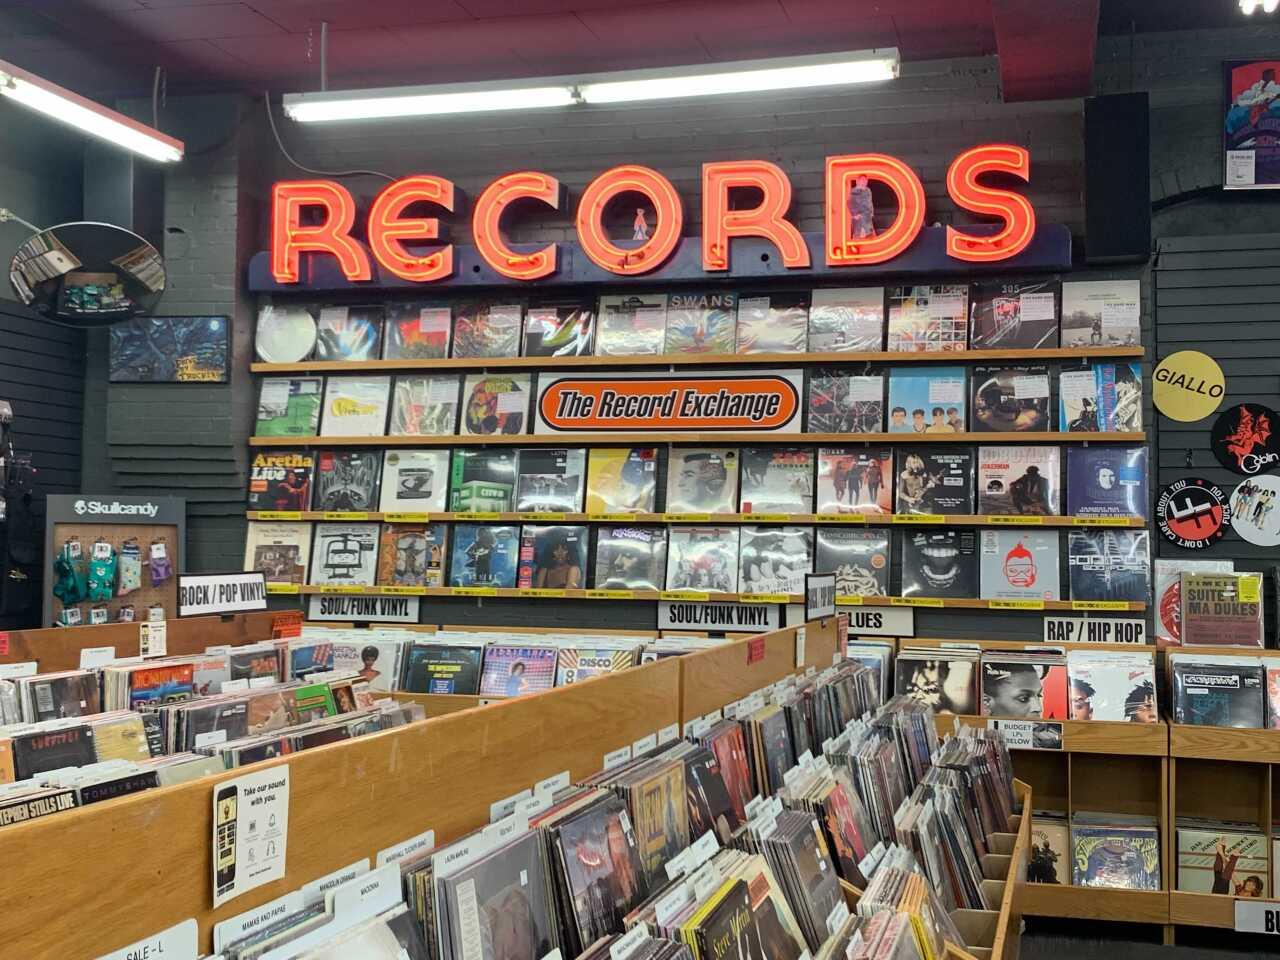 The Record Exchange